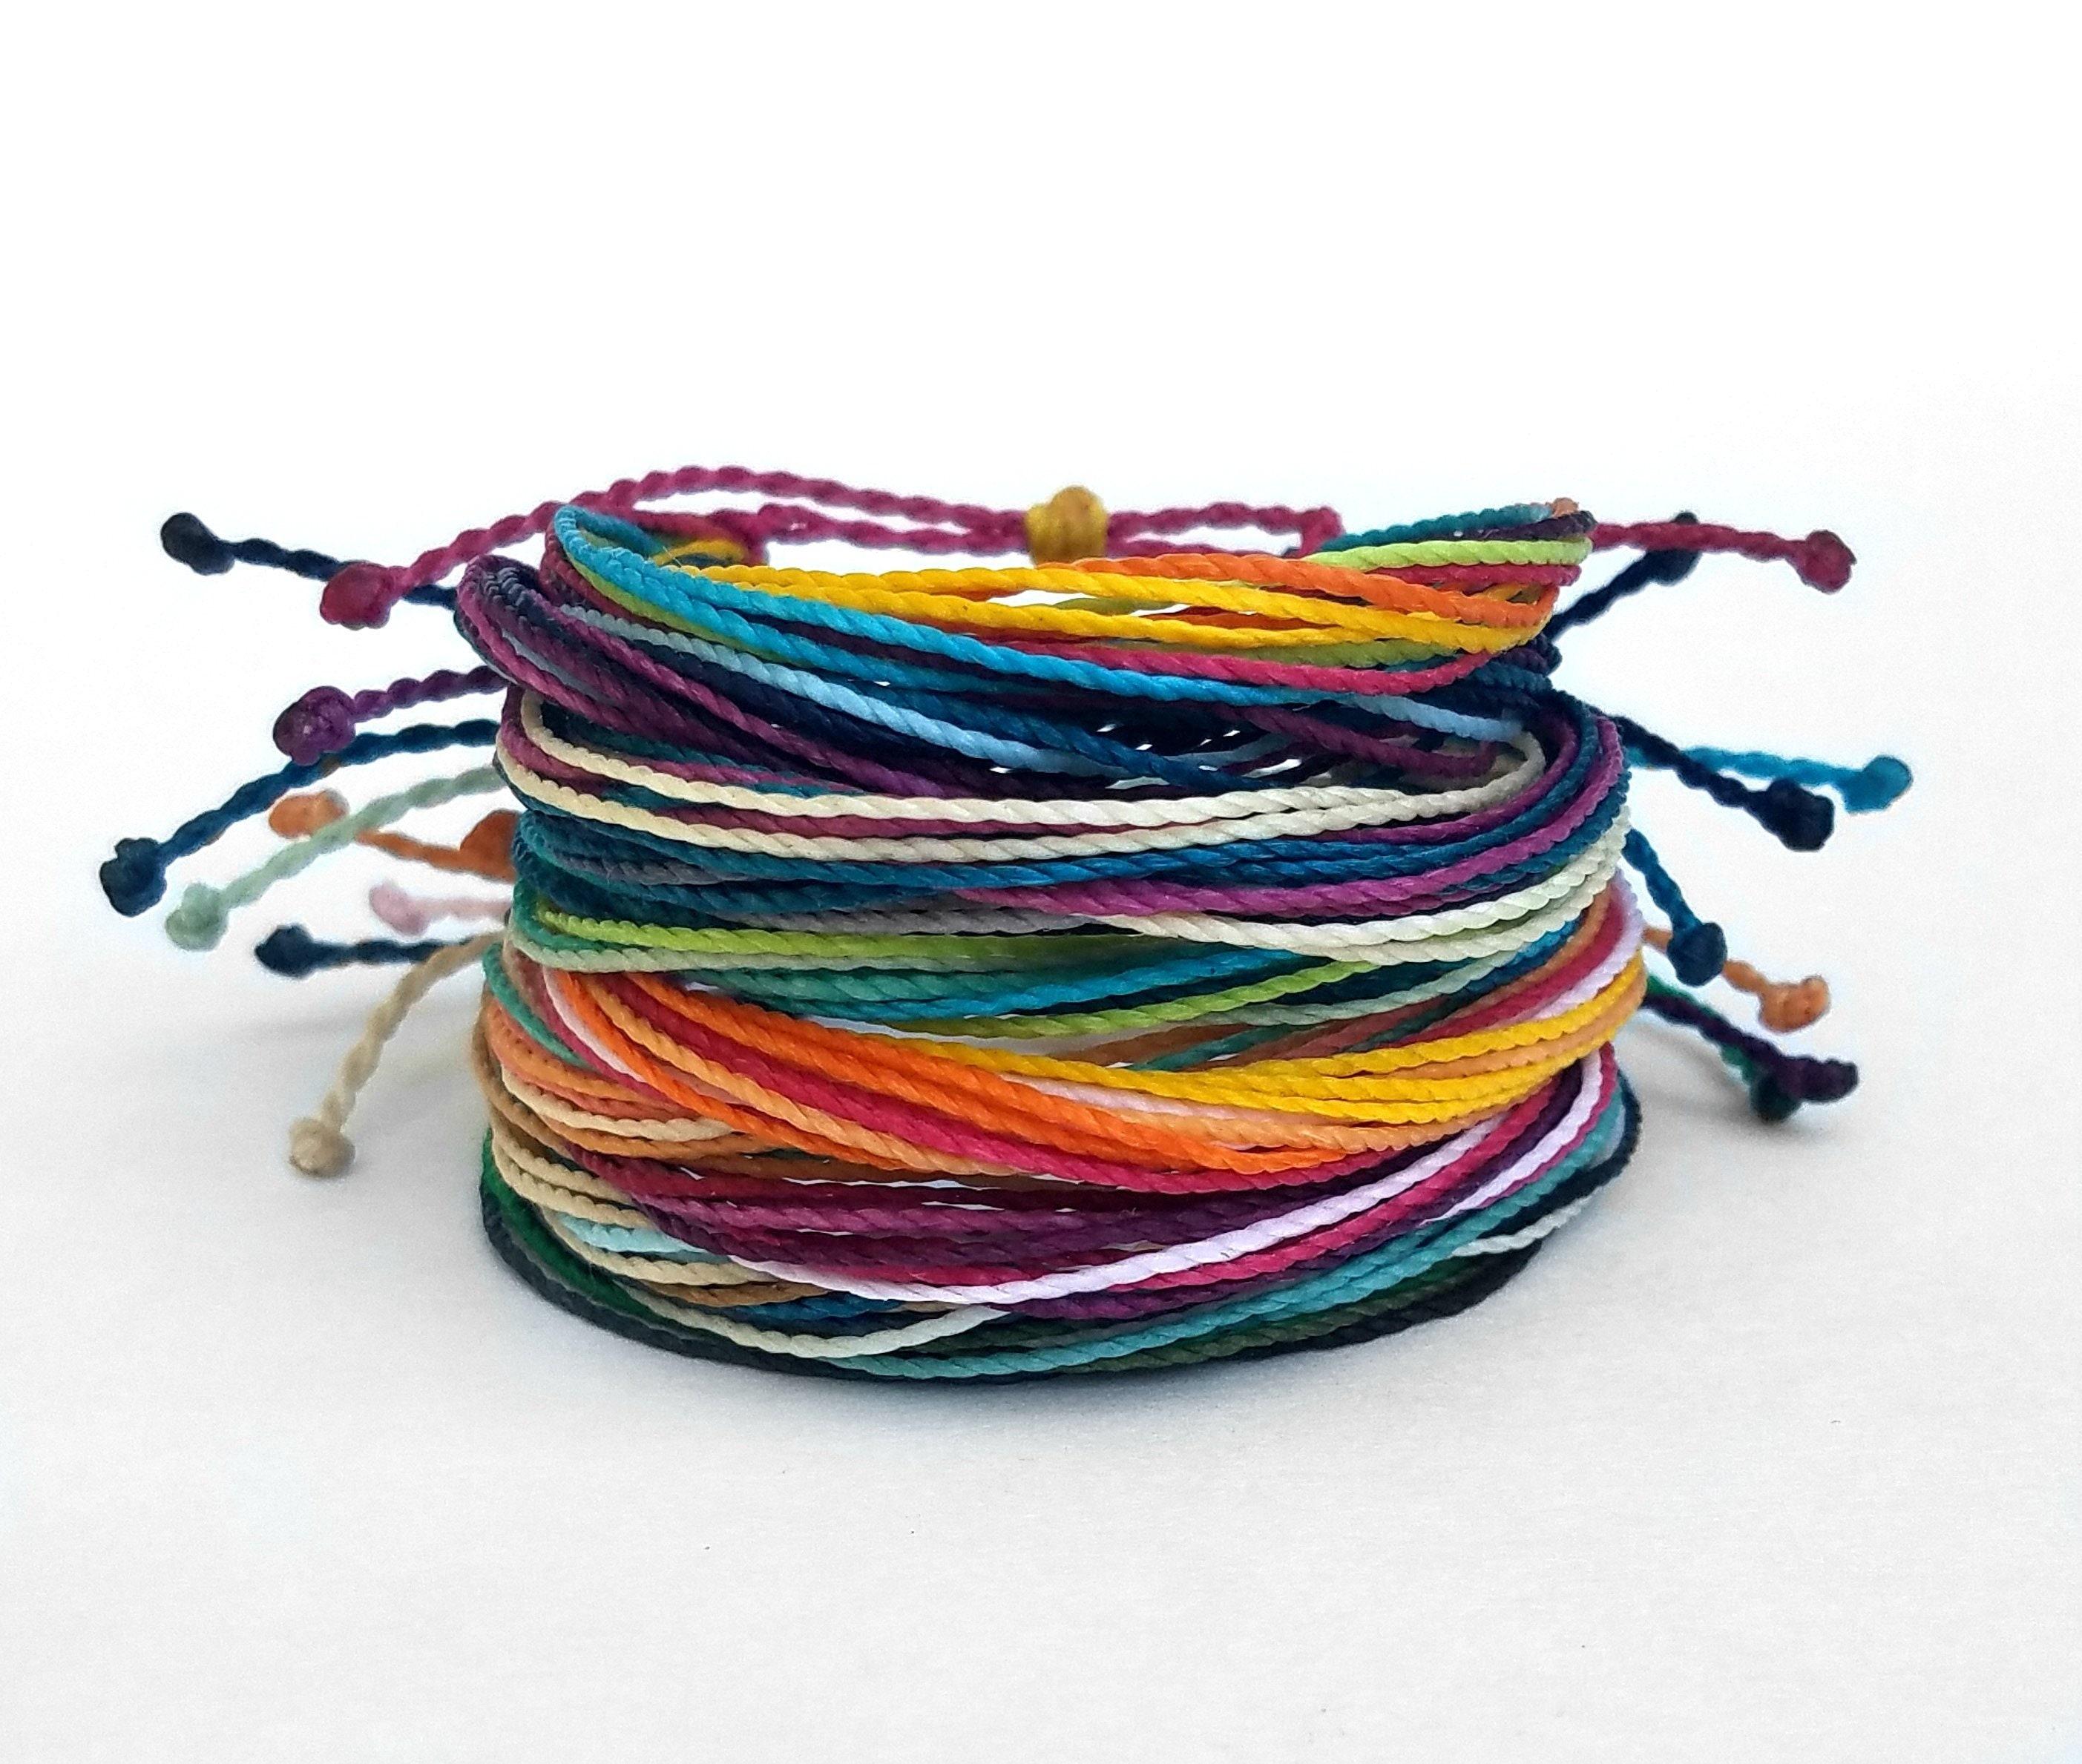 20b180197ca43 Friendship Bracelet Pack, Set of 10 Bracelets, Adjustable String ...